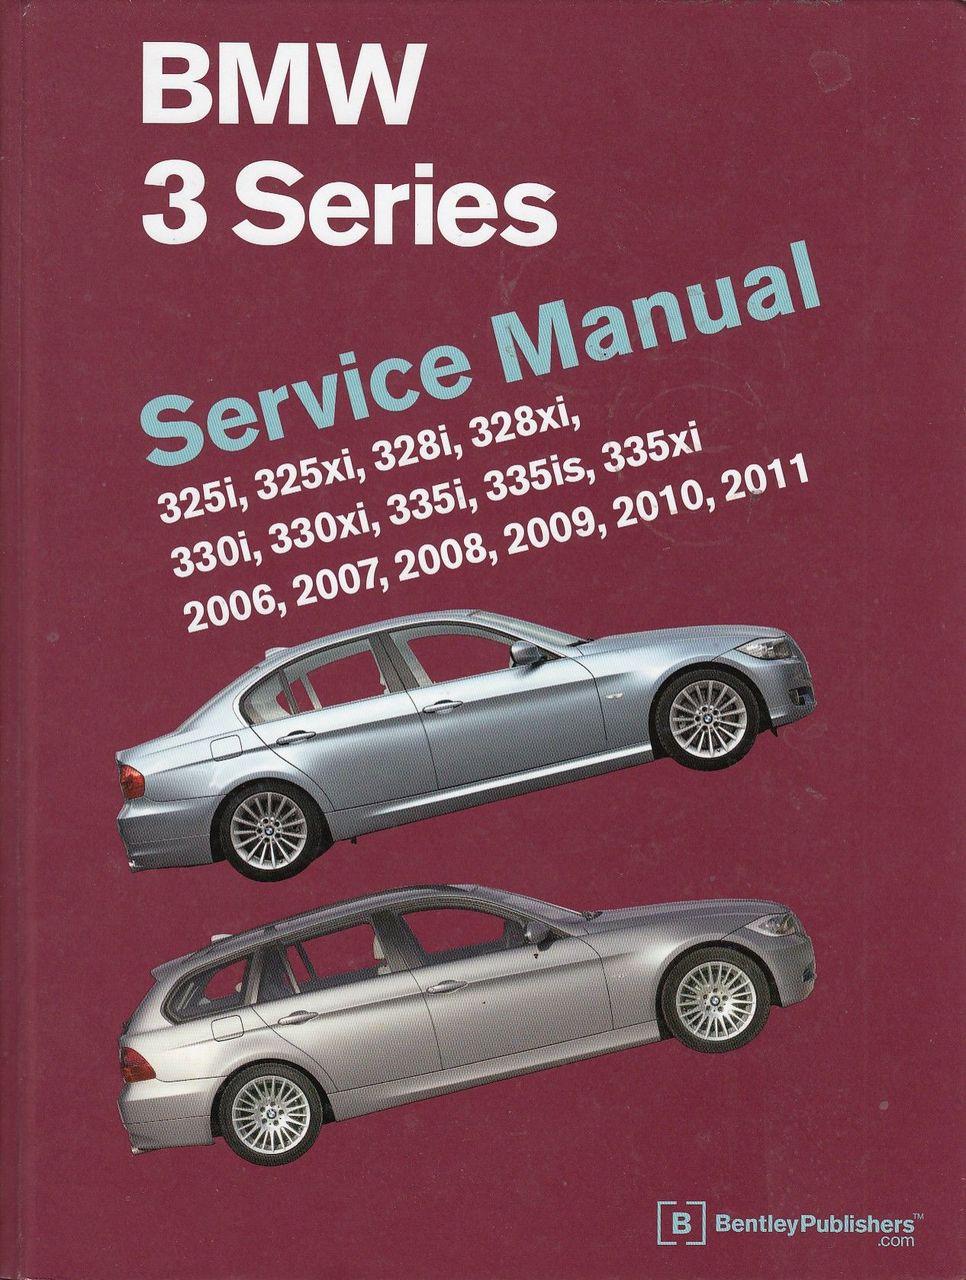 bmw 3 series e90 e91 e92 e93 2006 2011 workshop manual rh automotobookshop com au 2005 bmw 330i repair manual 2003 BMW 330Xi